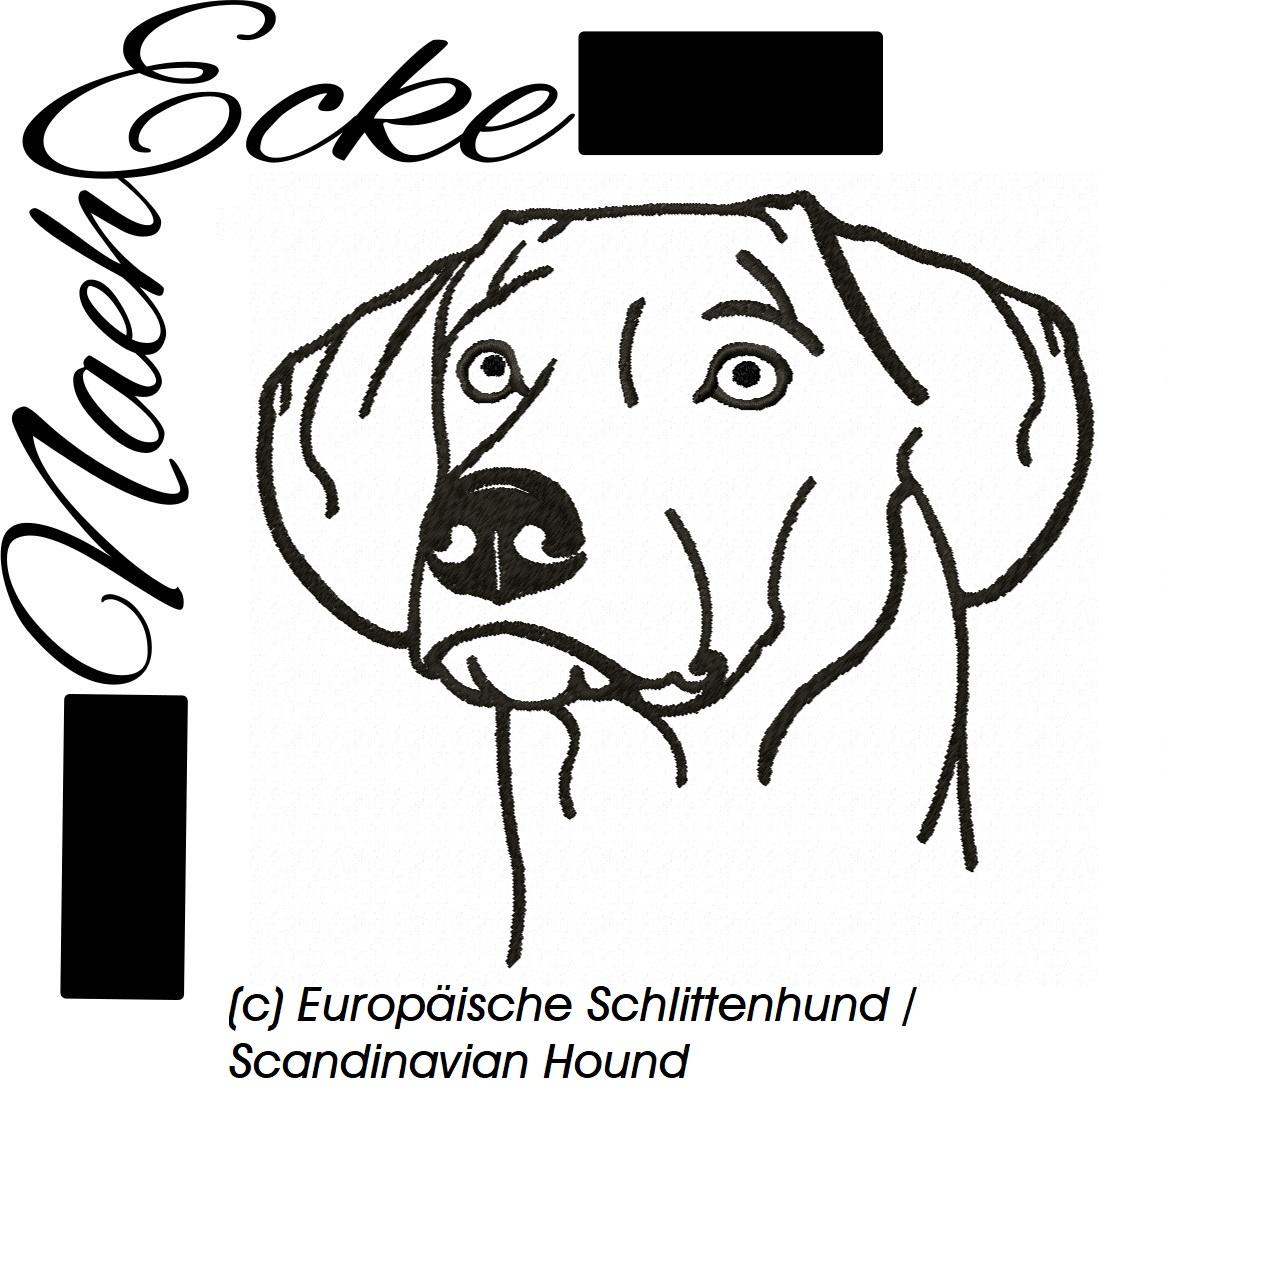 Europäische Schlittenhund / Scandinavian Hound